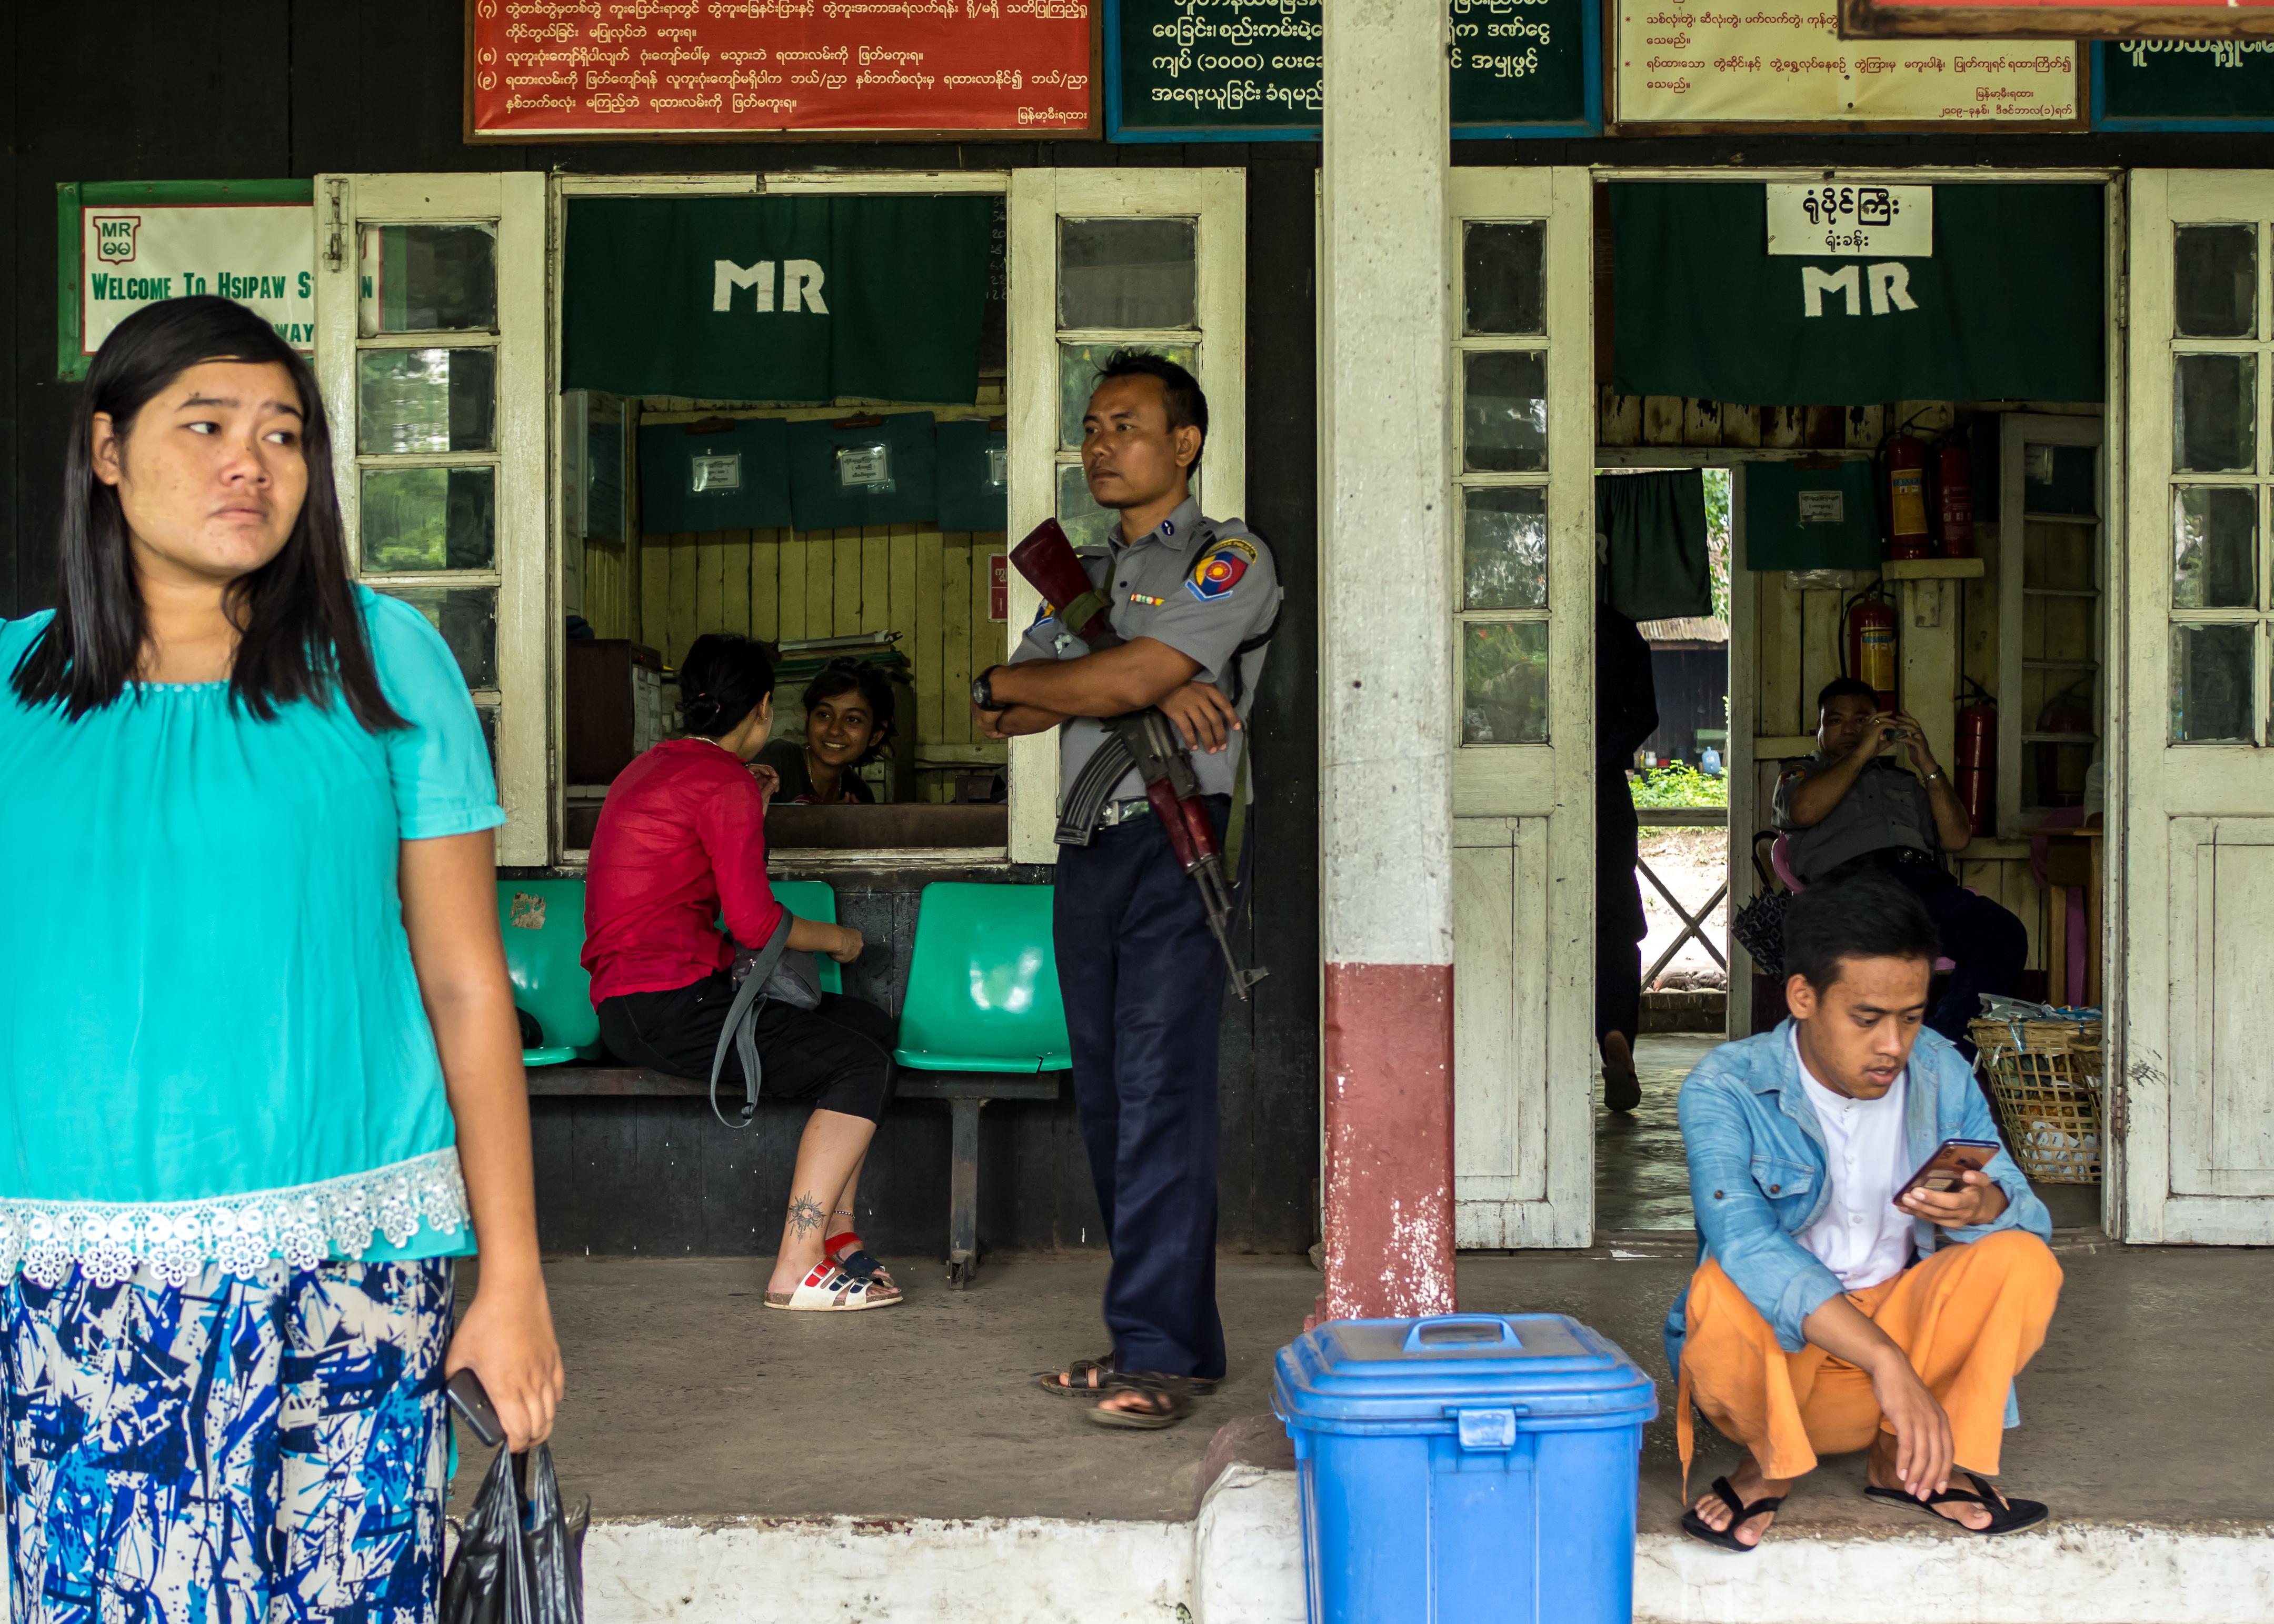 Myanmar rail